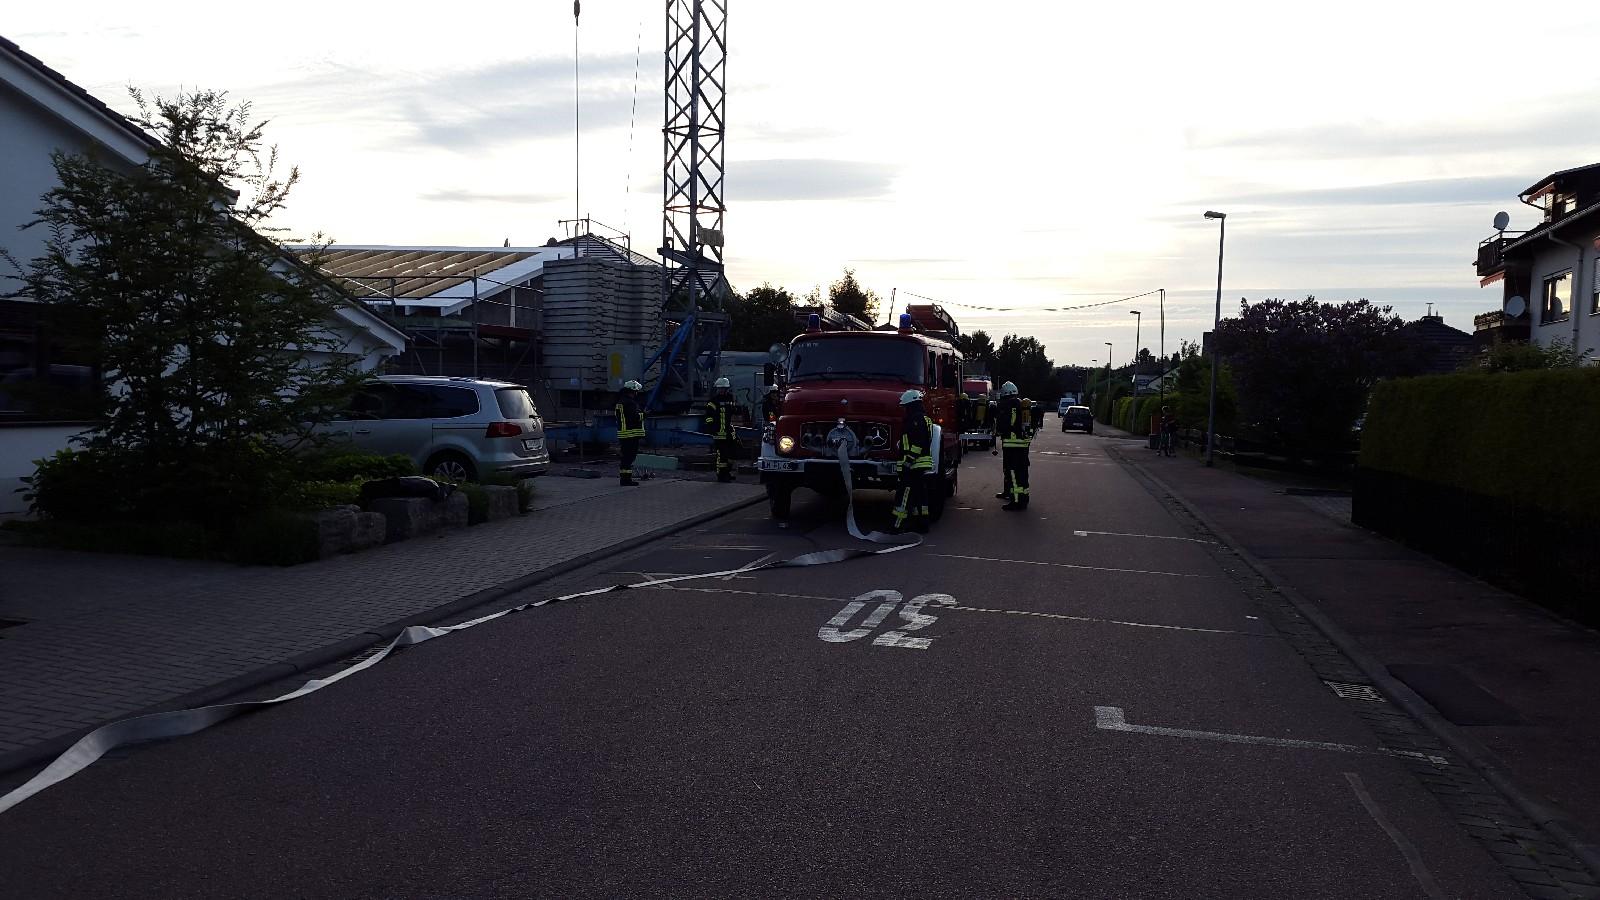 Freiwillige Feuerwehr Linter - Freiwillige Feuerwehr Linter - 18.05 ...